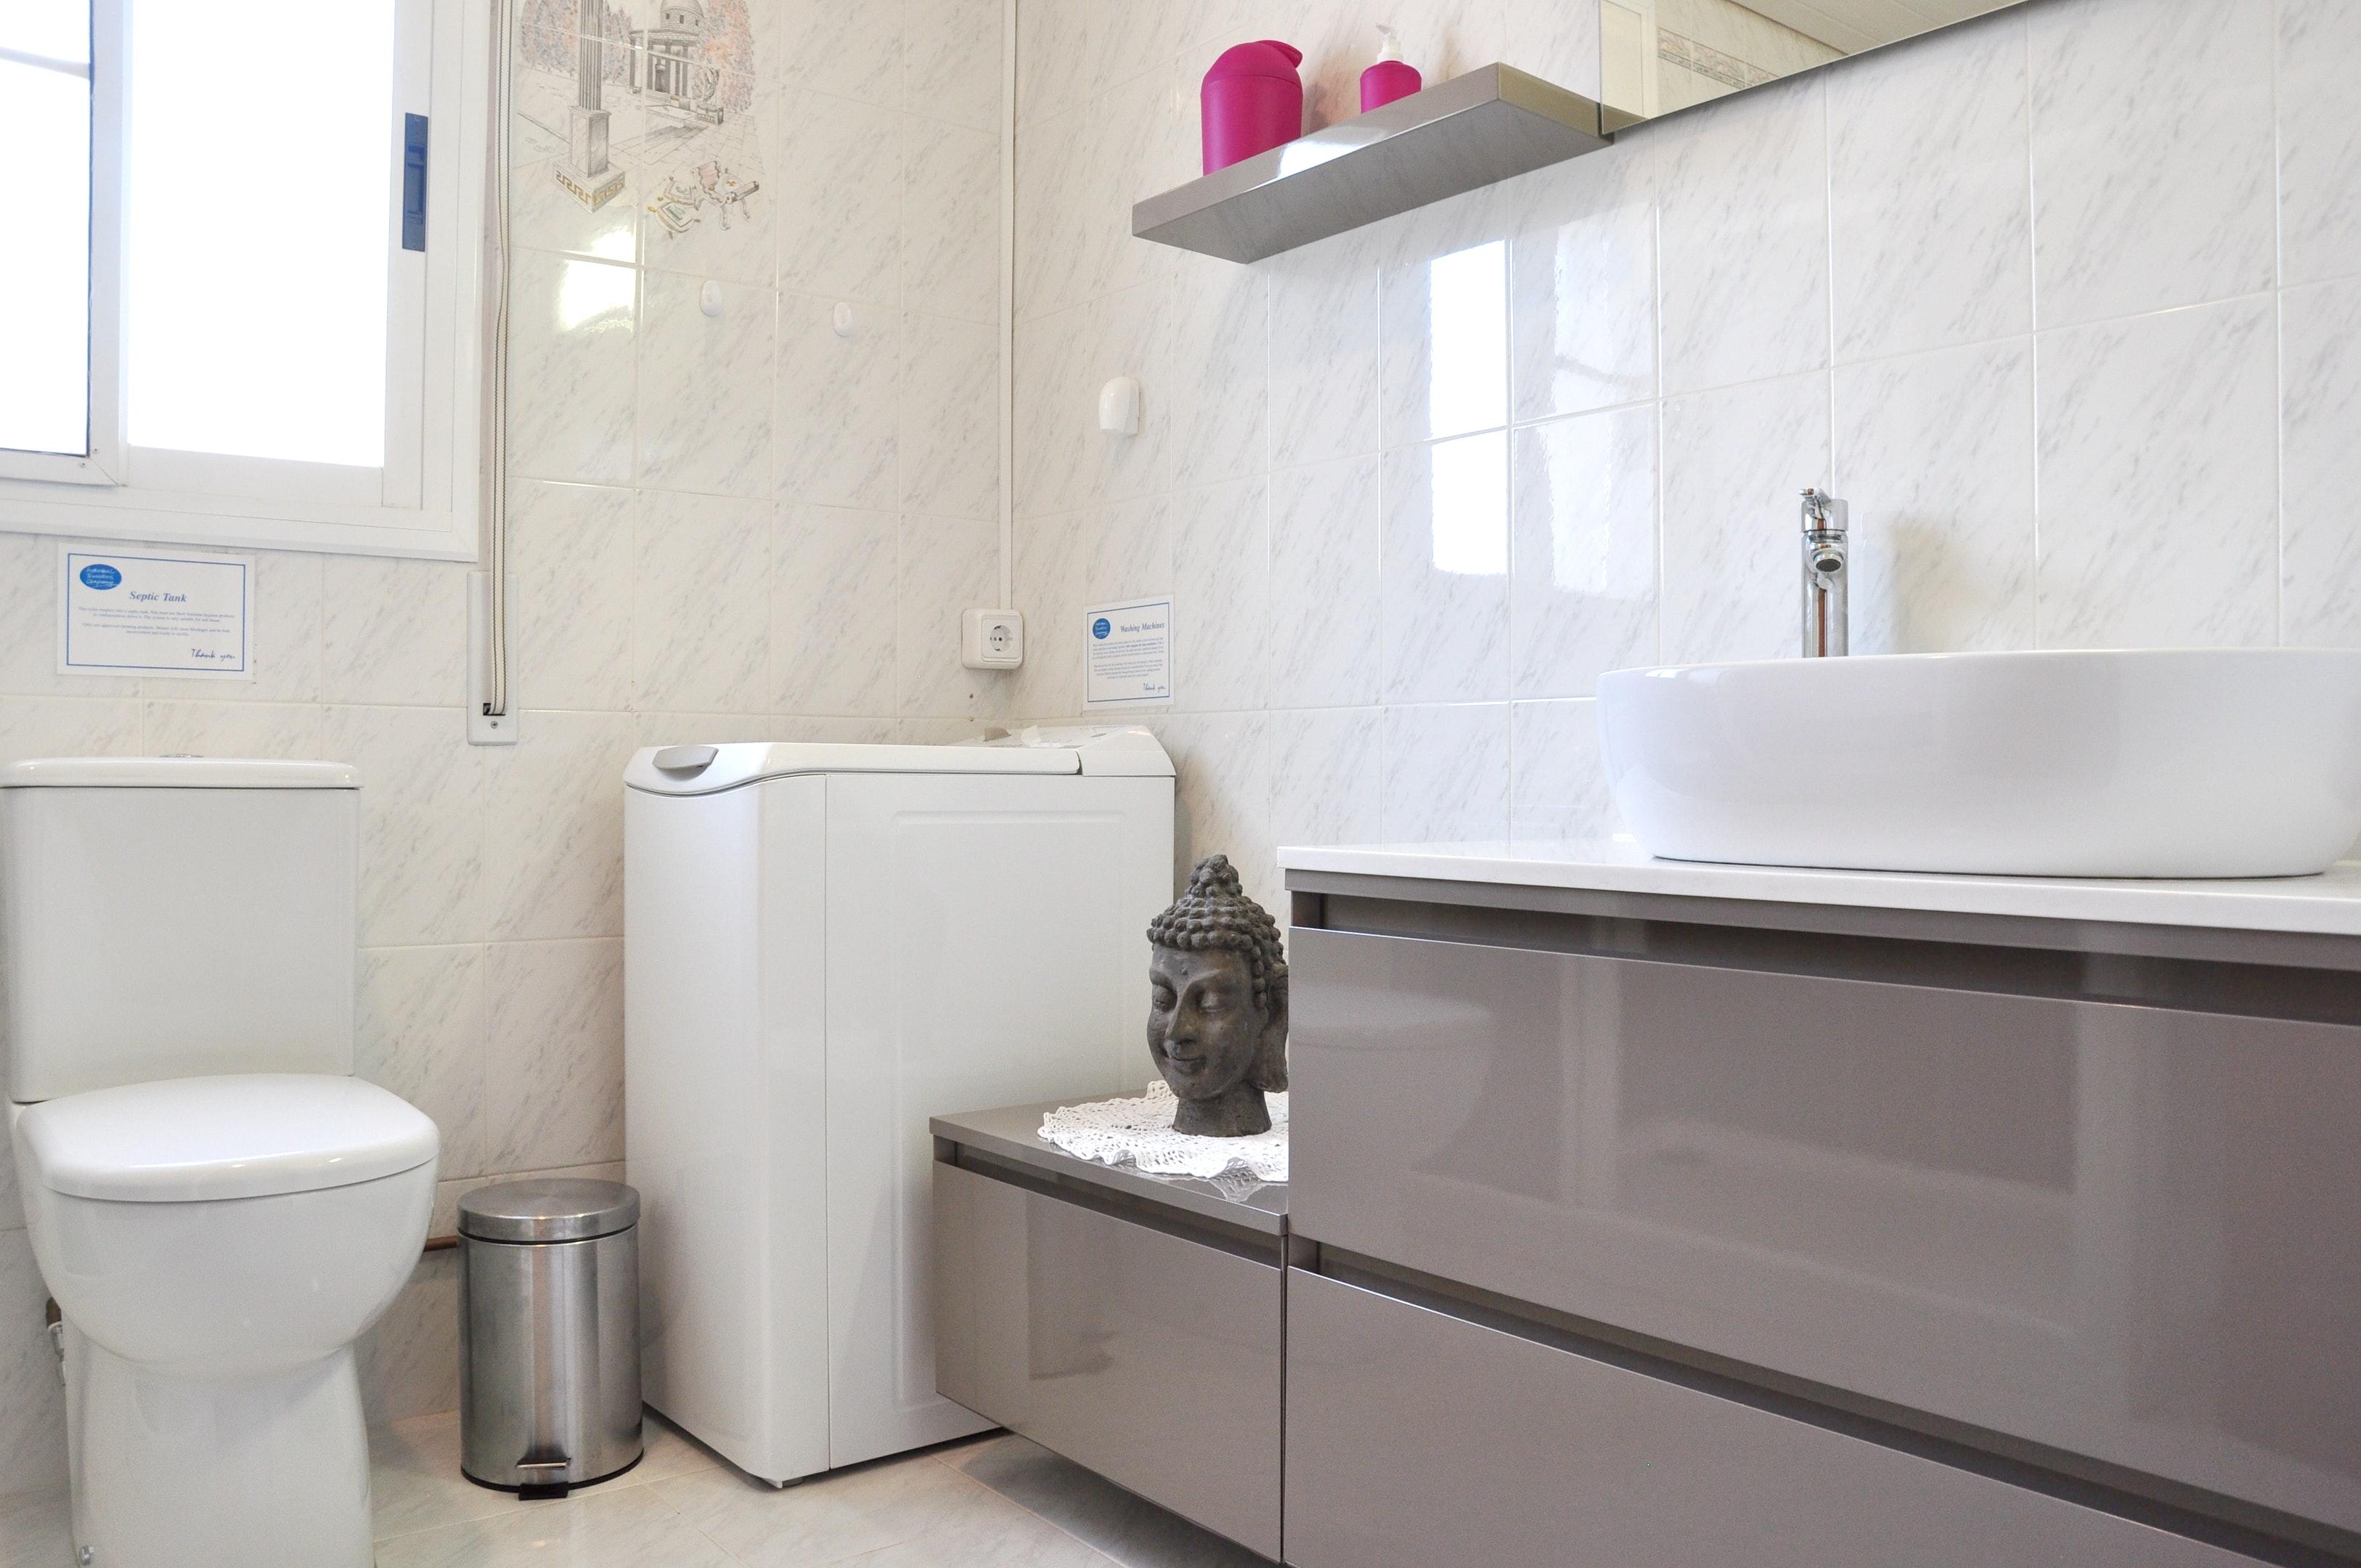 Ferienhaus Villa mit 3 Schlafzimmern in Ampolla mit herrlichem Meerblick, privatem Pool, möbliertem G (2201037), L'Ampolla, Costa Dorada, Katalonien, Spanien, Bild 25